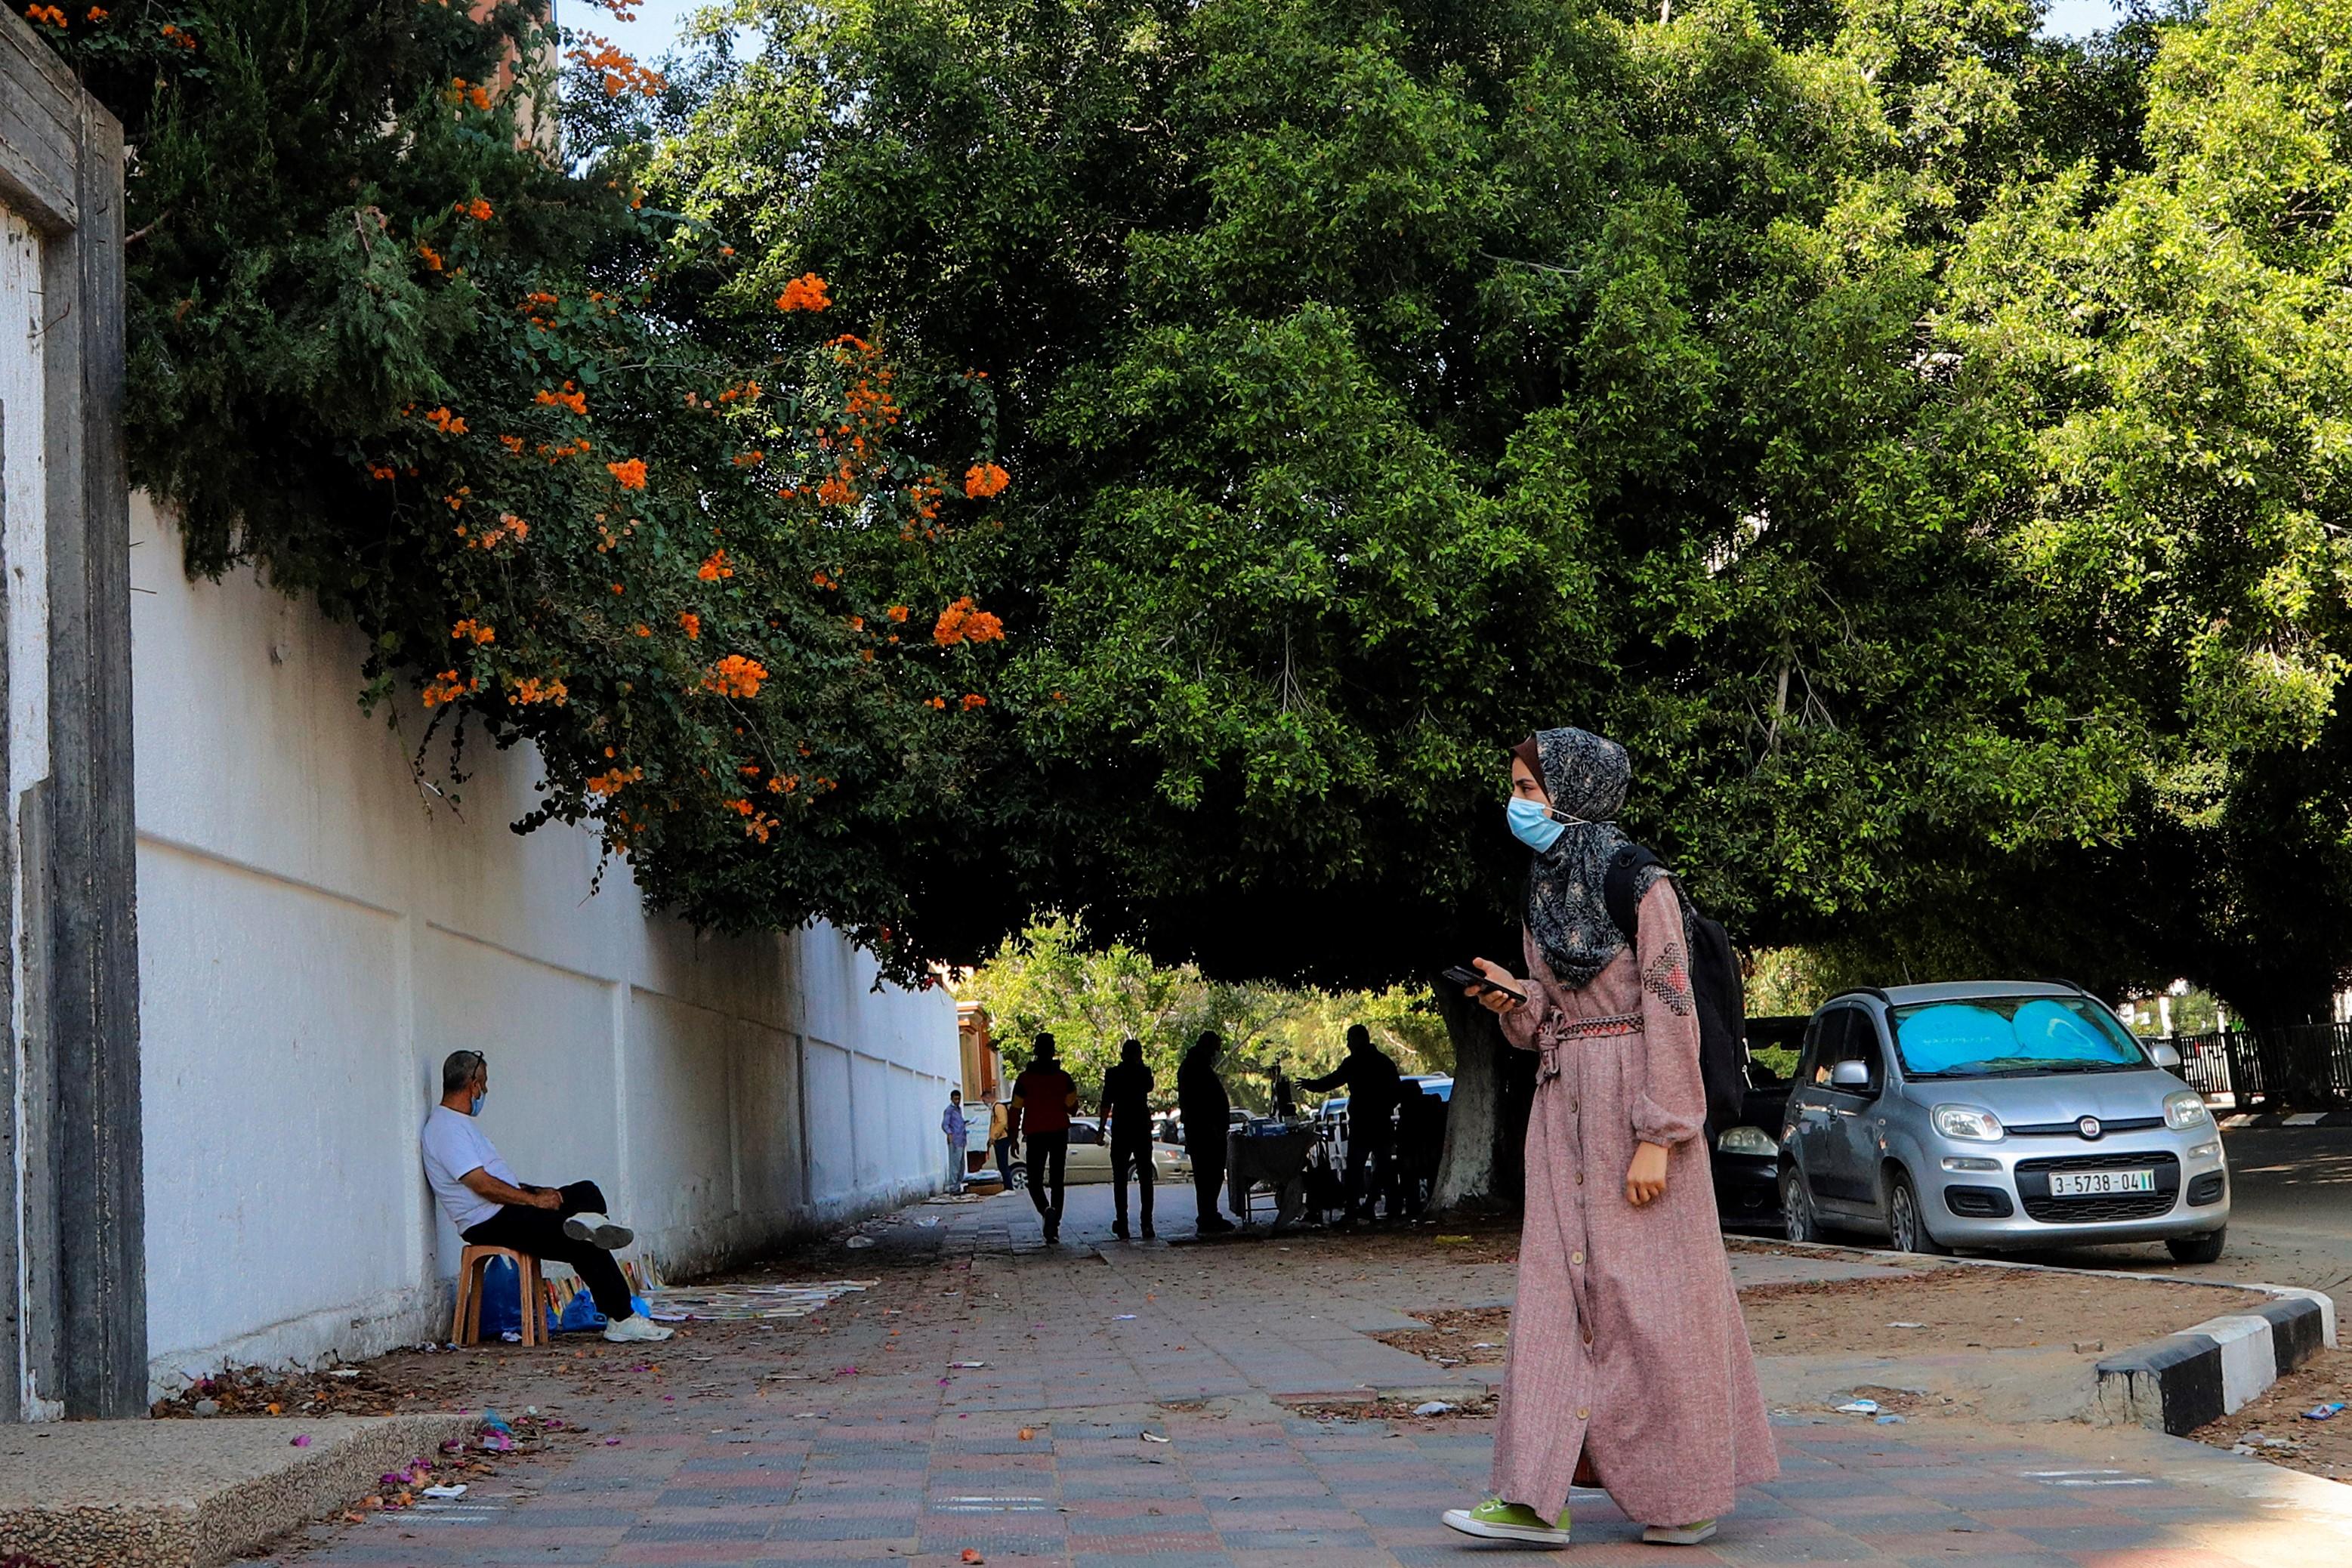 مدينة غزة، تشرين ثاني 2020. تصوير: أسماء خالدي